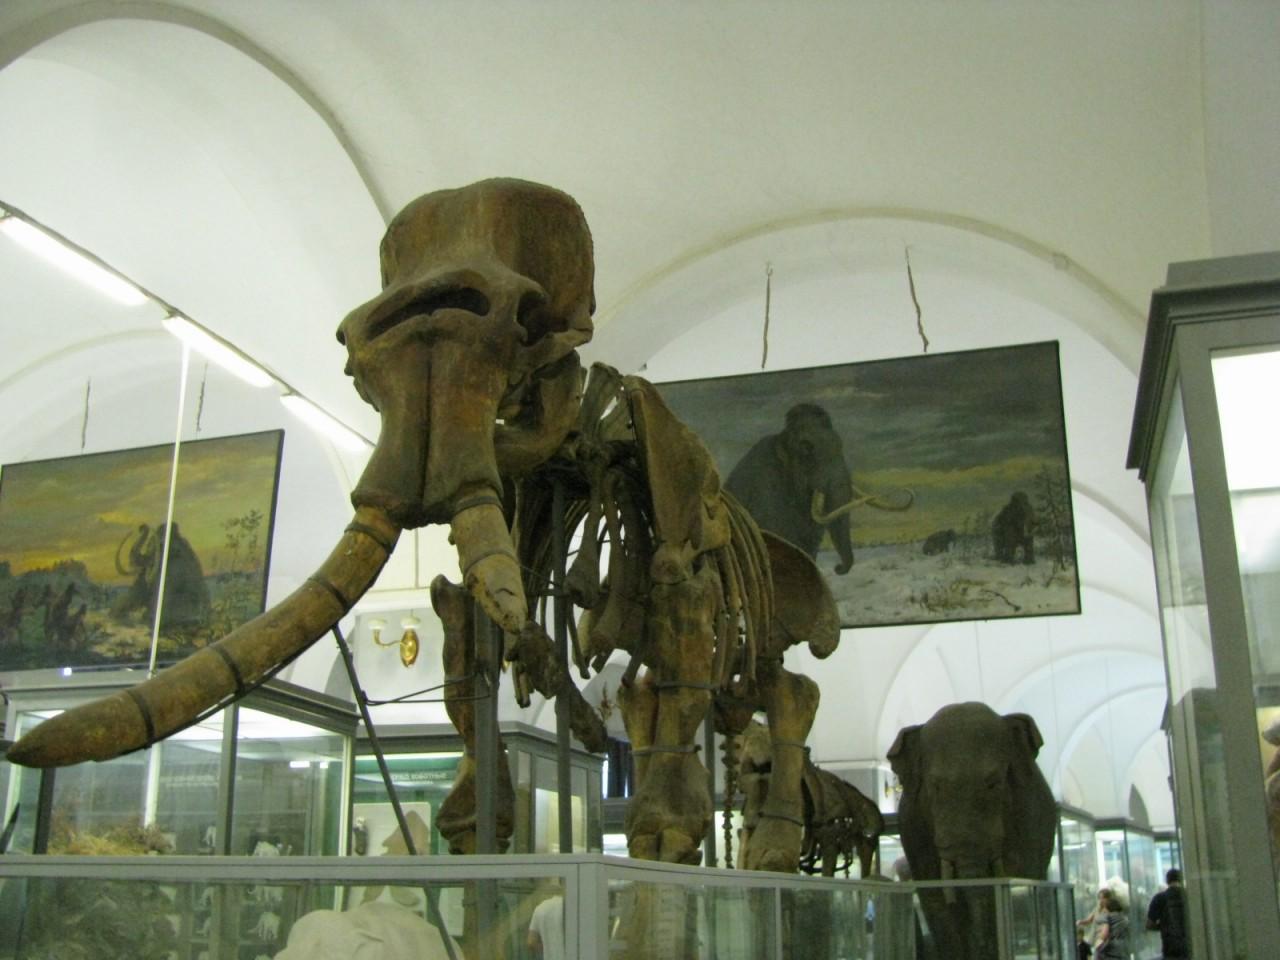 Зоологический музей Санкт-Петербурга - 2. Дом для мамонтёнка Димы.